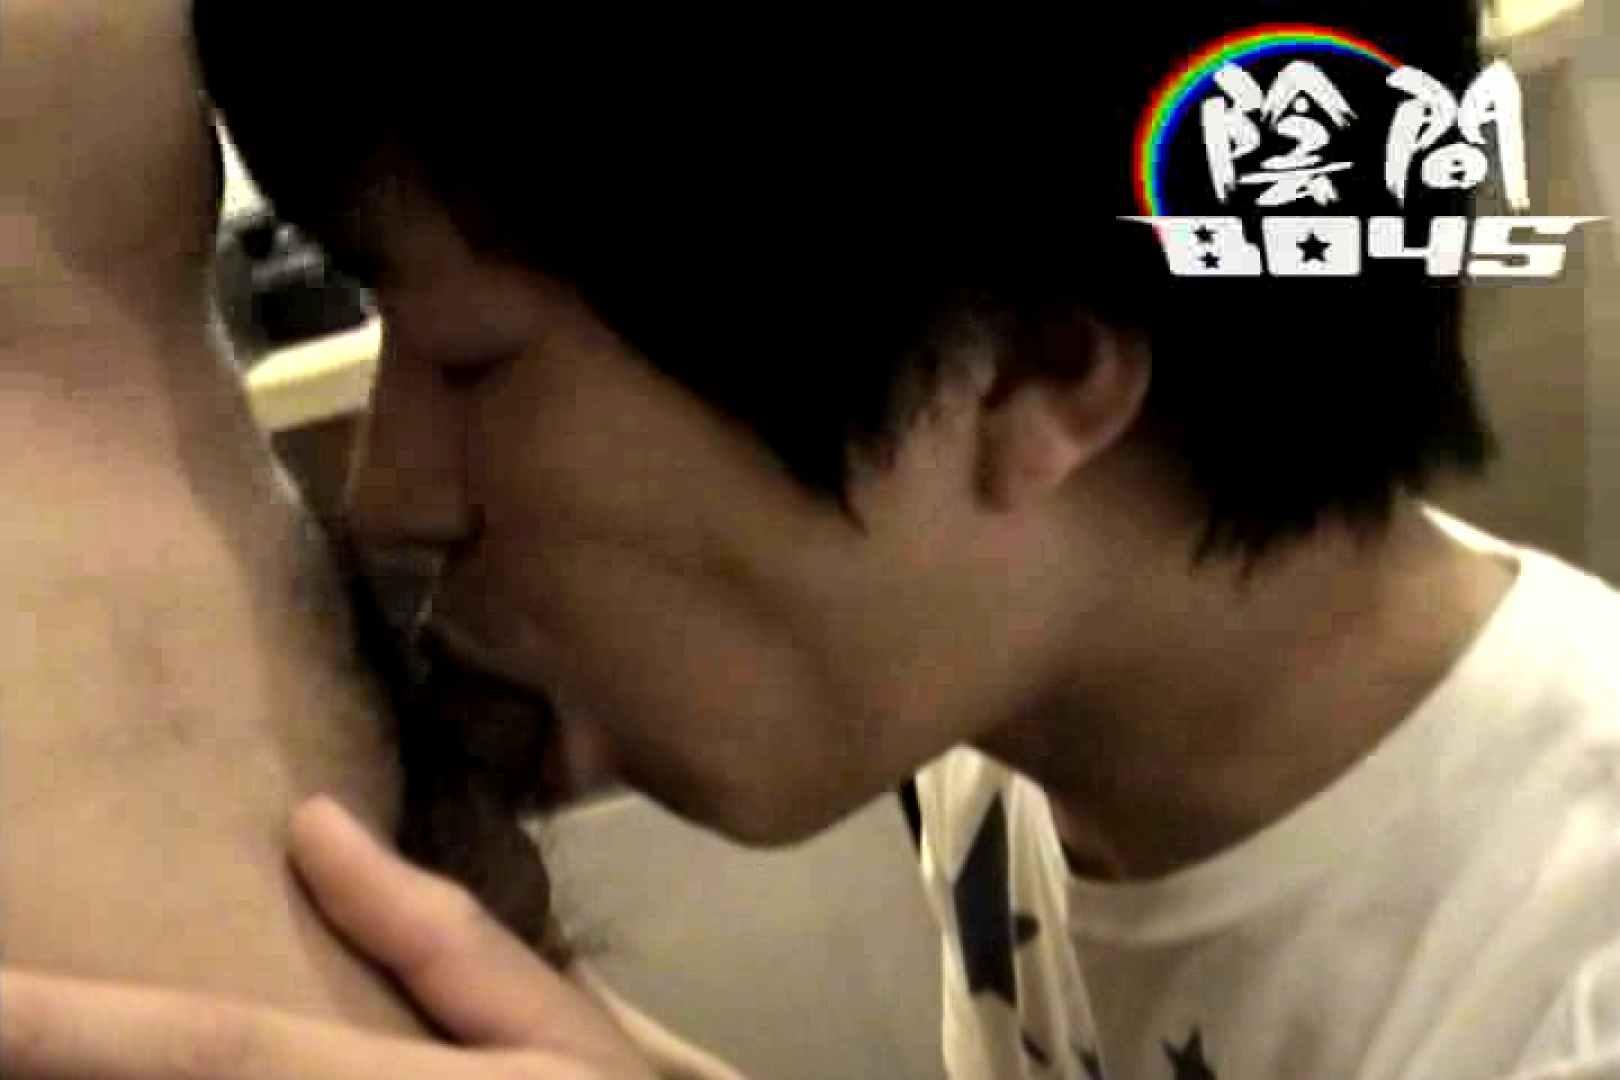 陰間BOYS~My holiday~03 ハメ撮り動画 ゲイエロビデオ画像 93pic 62